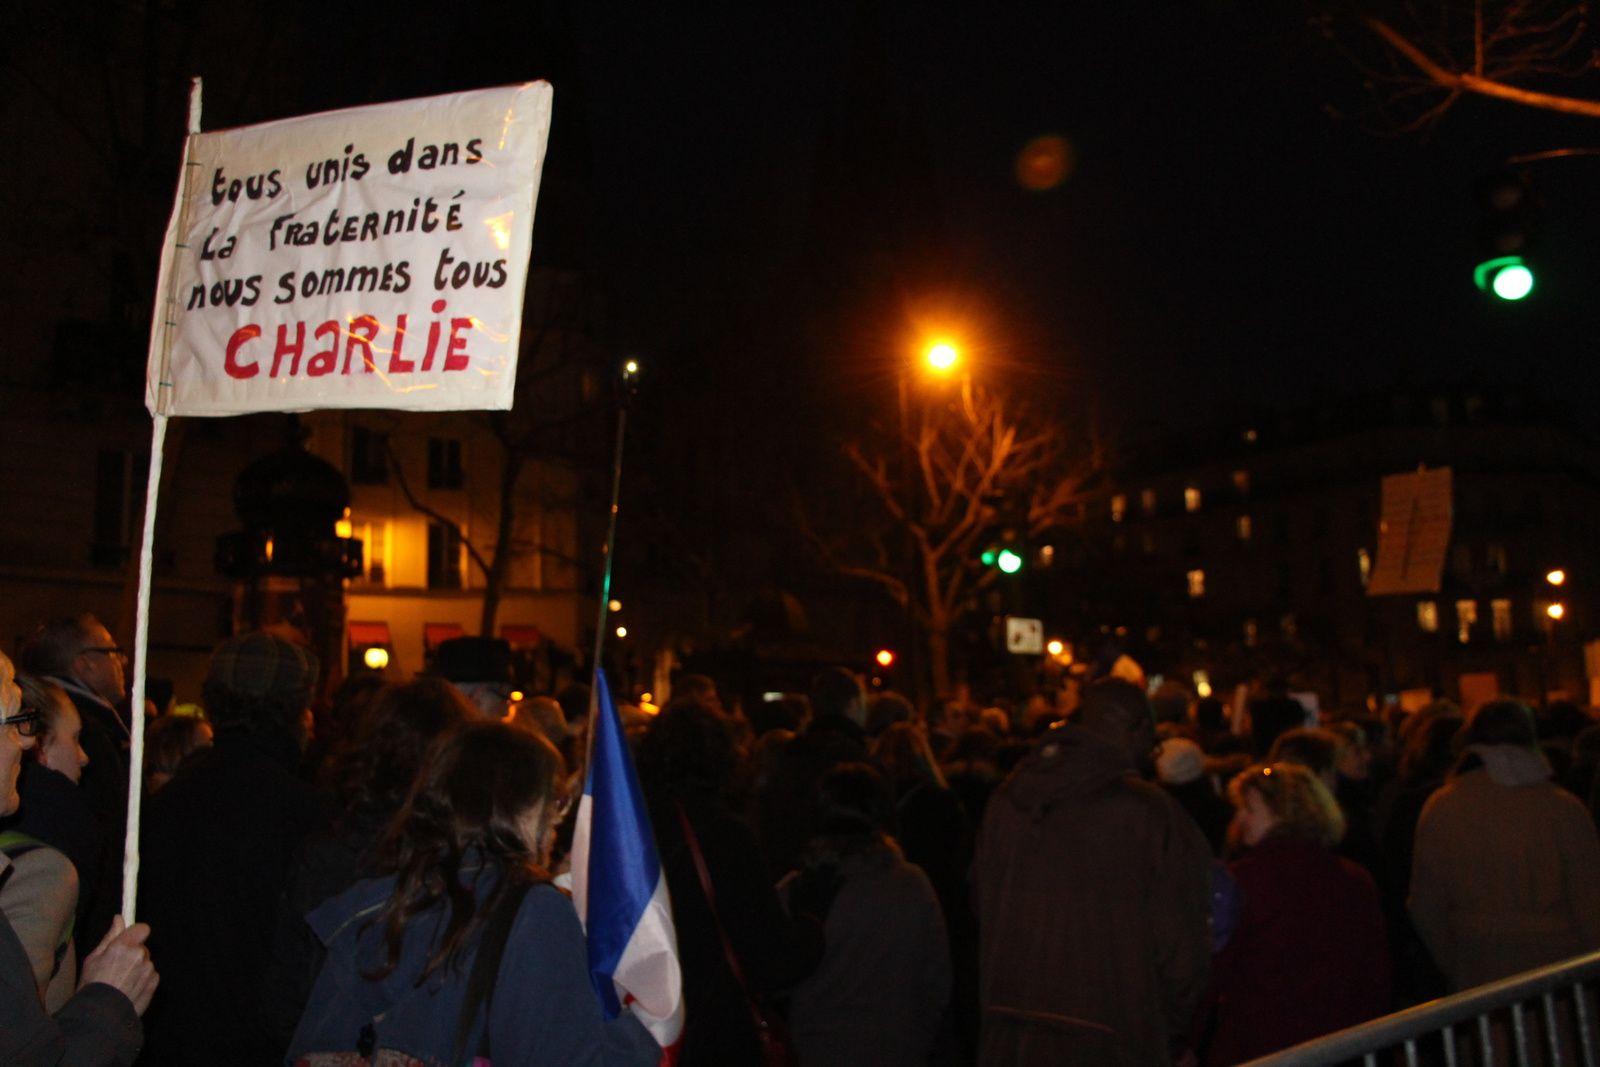 Un crayon à la main, debout, face à la barbarie, nous avons participé ce dimanche 11 janvier 2015, en famille, au rassemblement contre la tragédie vécue à Charlie Hebdo et tous les dramatiques événements qui en ont découlé. © photos JM et eMmA MessanA